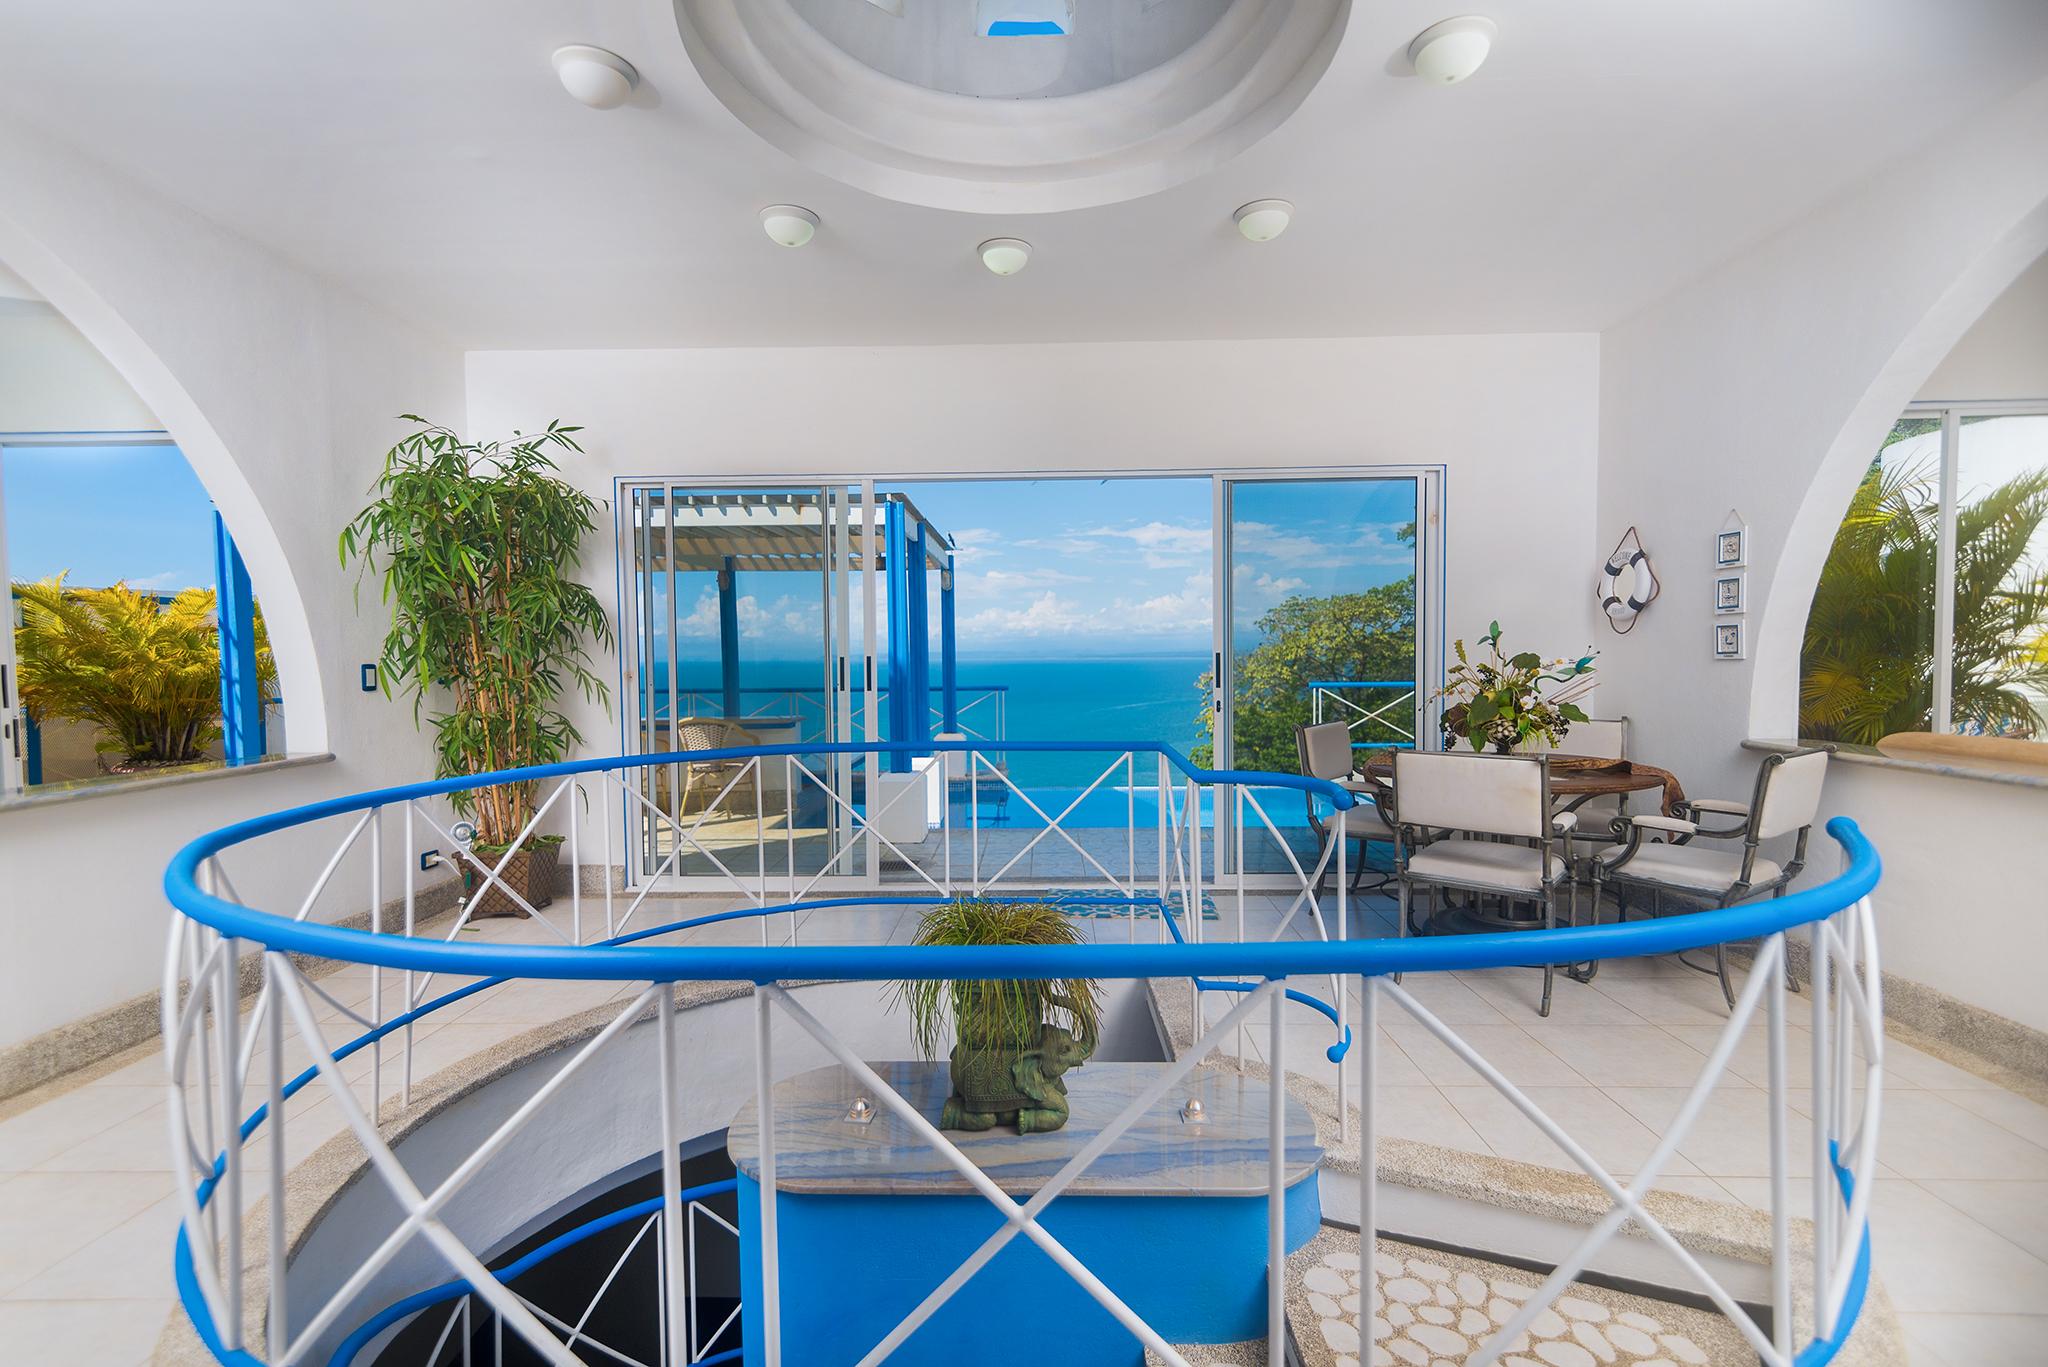 CASA ABBY, casa estilo Griego en Punta Leona. Impresionantes Vistas al Oceano Pacifico